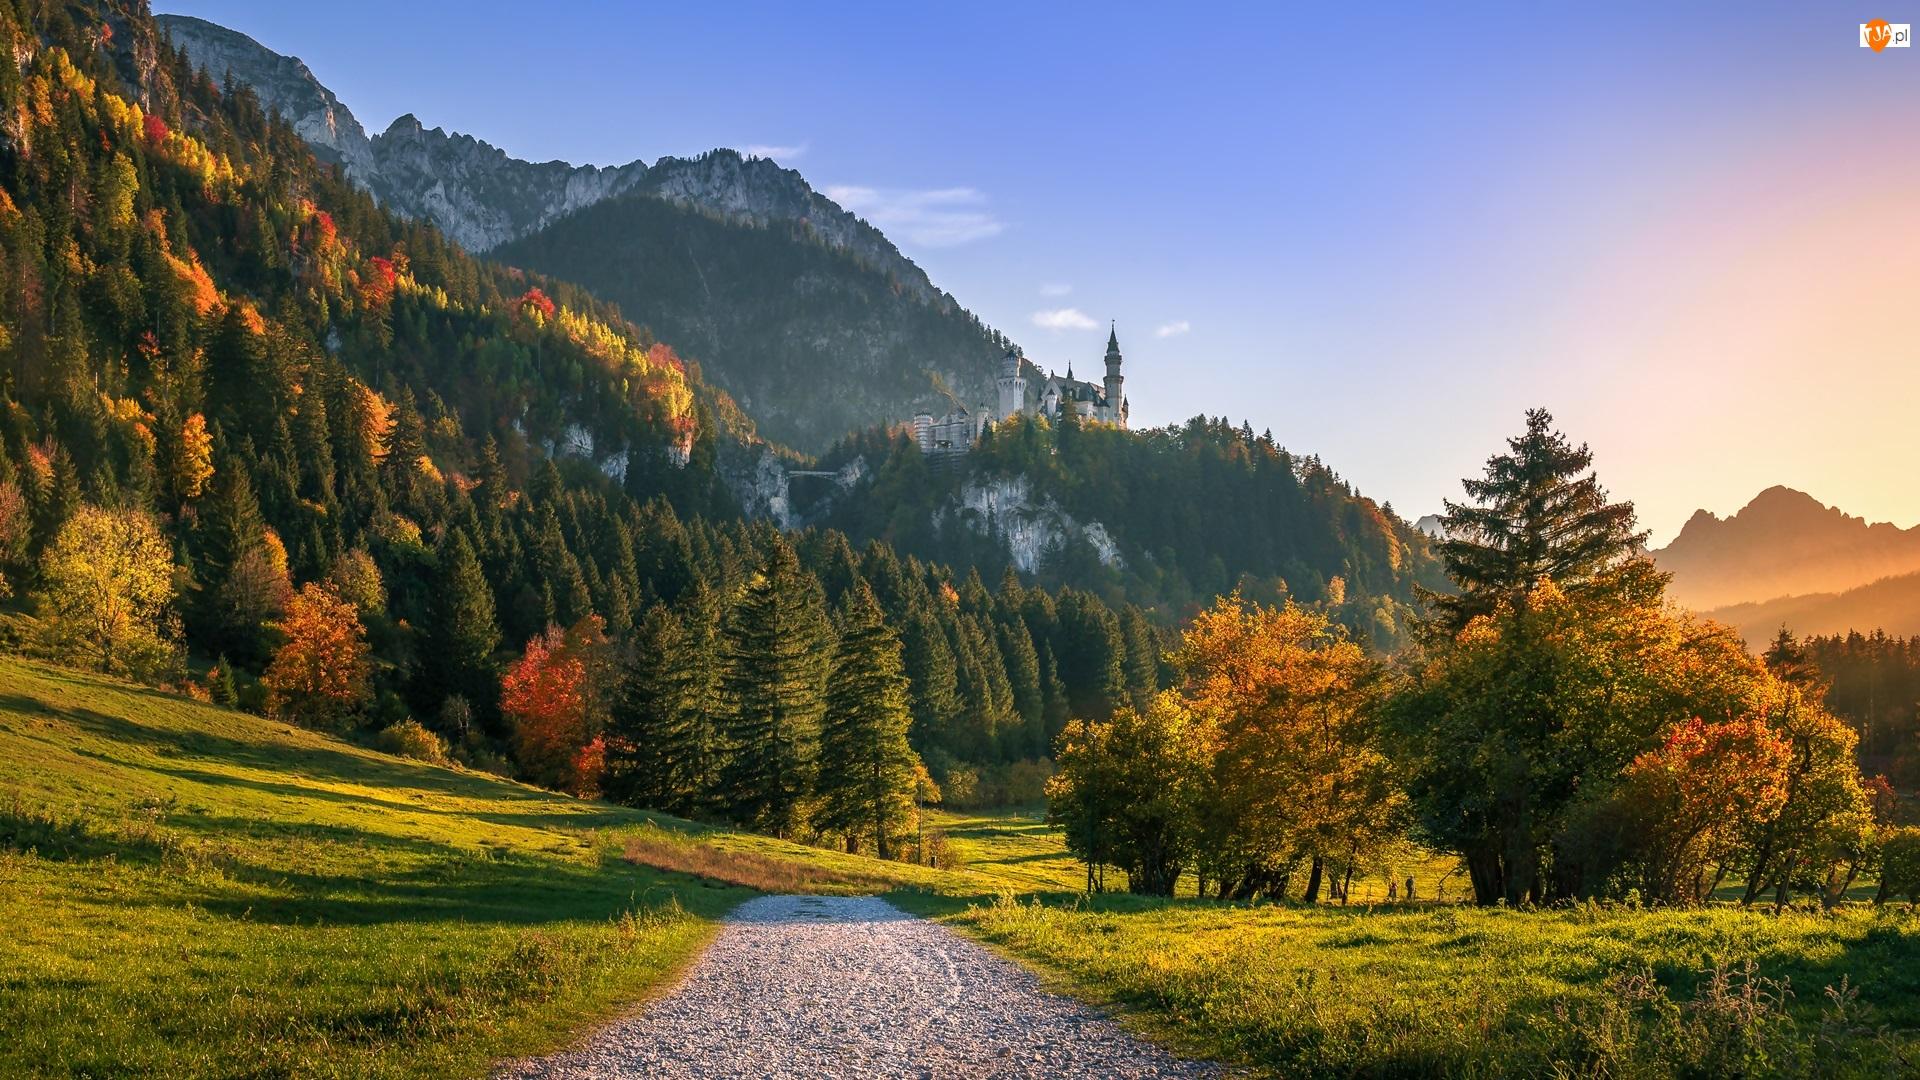 Wschód słońca, Skały, Wzgórza, Góry, Bawaria, Niemcy, Jesień, Zamek Neuschwanstein, Drzewa, Droga